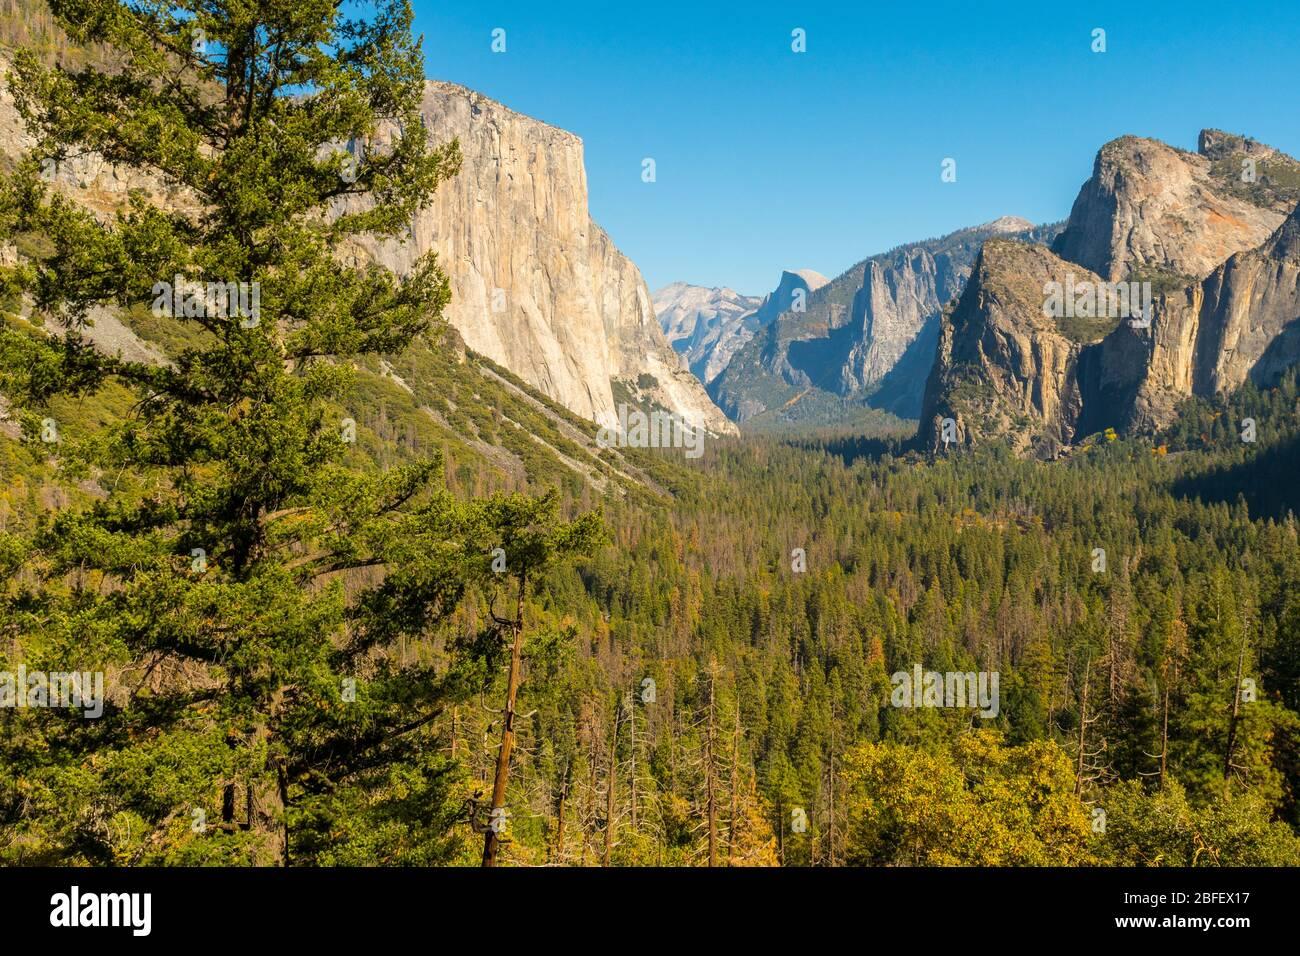 Point de vue sur le tunnel dans le parc national de Yosemite avec El Capitan, Cathedral Rocks et le Half Dome en arrière-plan Banque D'Images